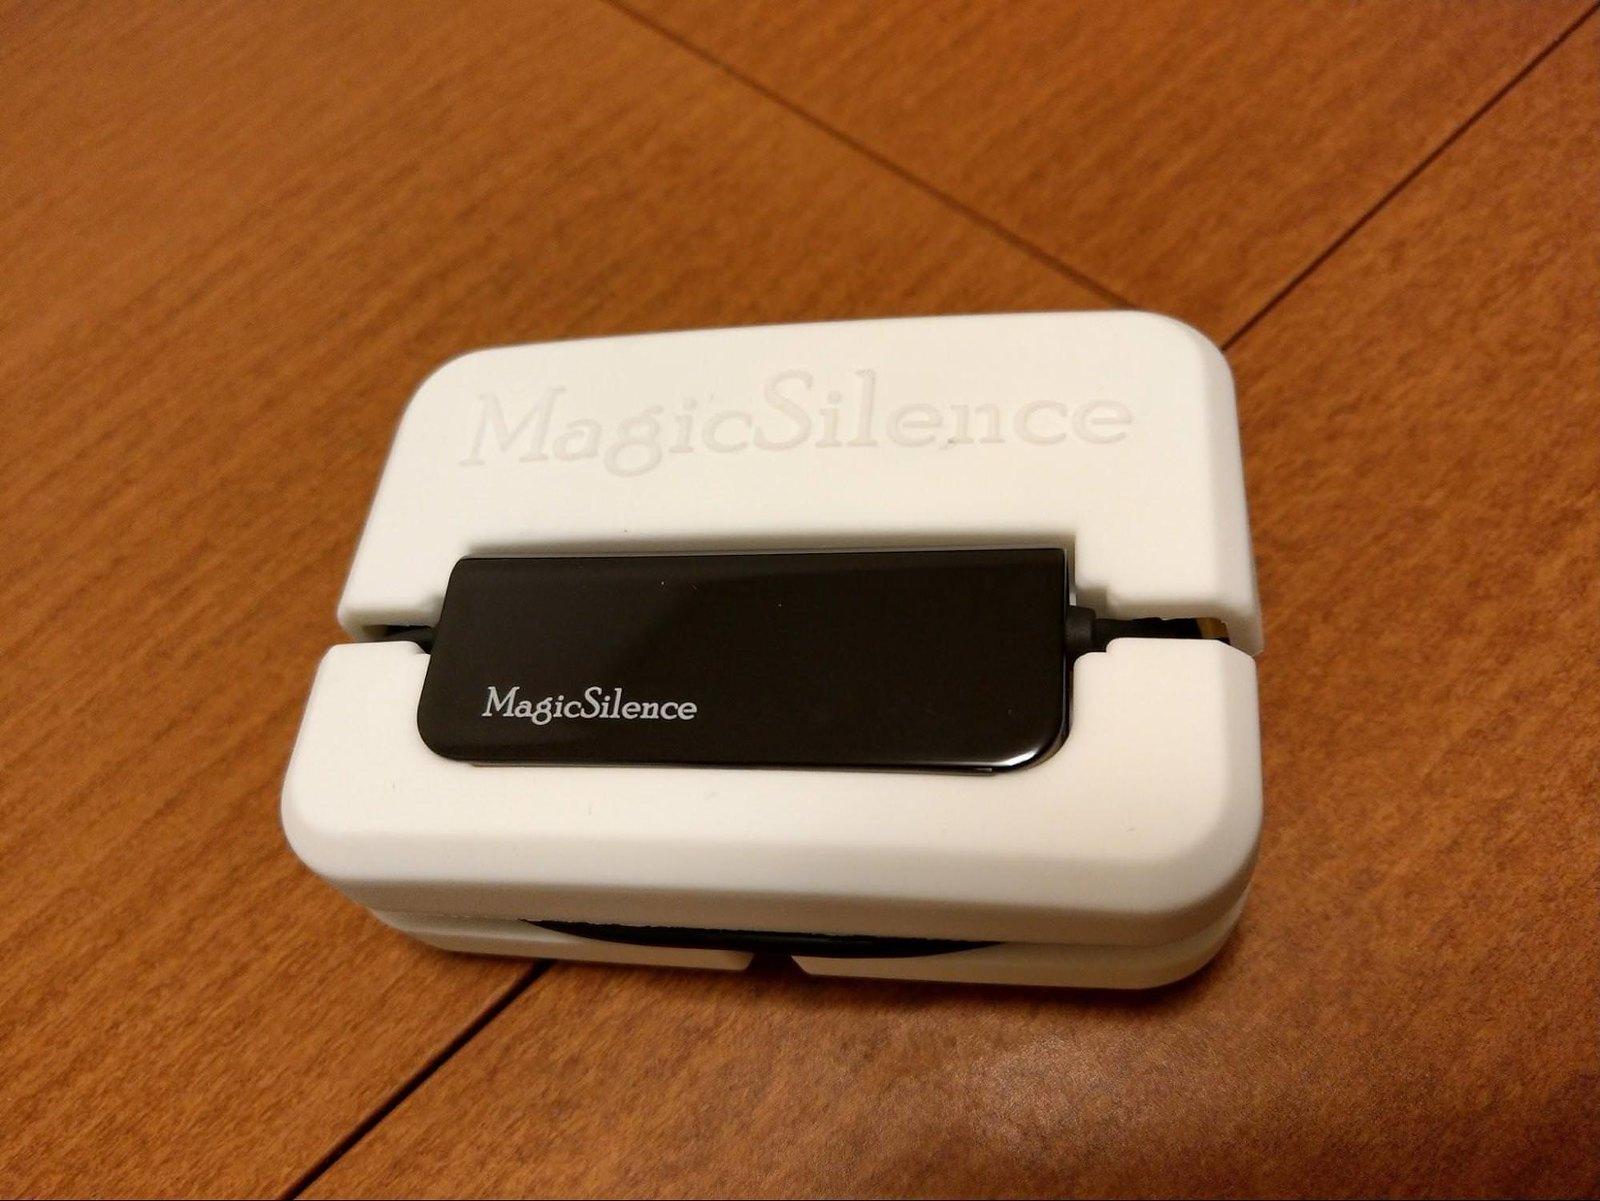 MagicSilence